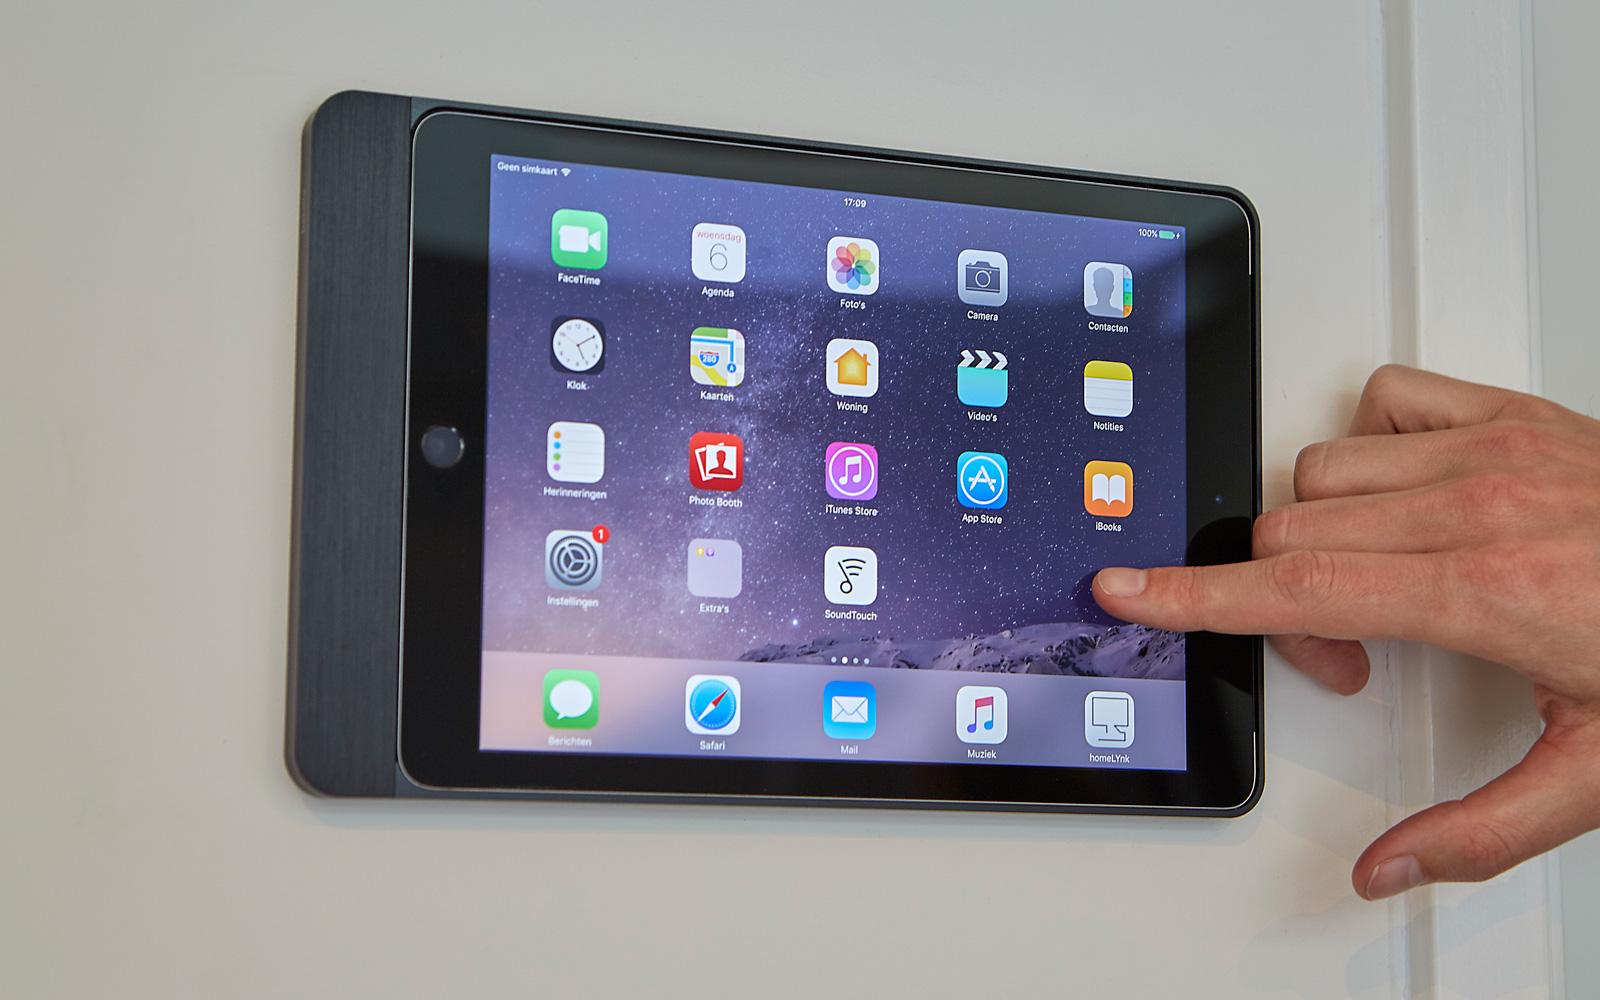 Met de Apple ipad kan de domotica bediend worden.